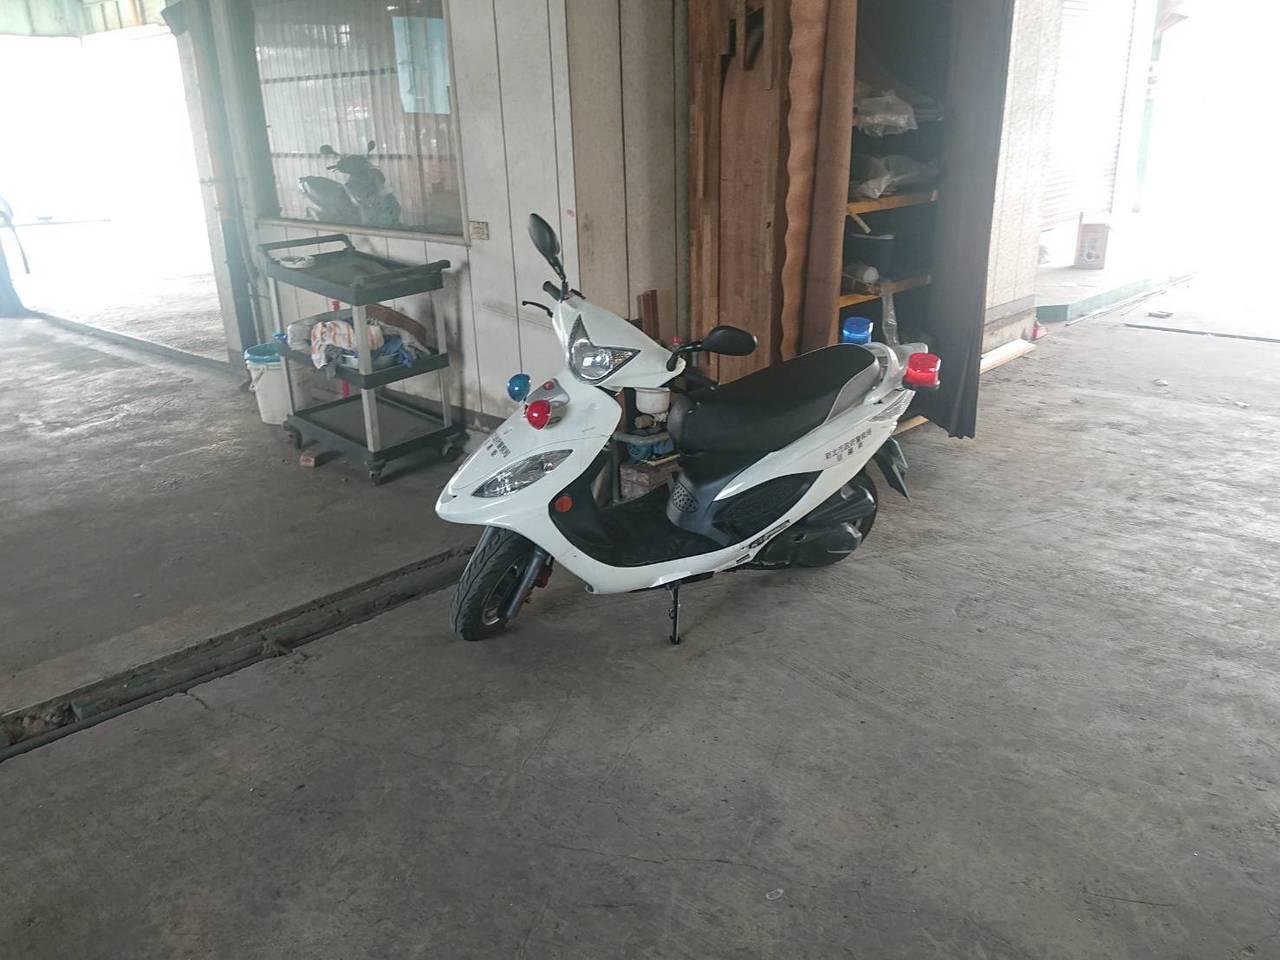 遭搶奪的警用機車,今早在樹林區中正路一處加油站被發現。記者巫鴻瑋/翻攝